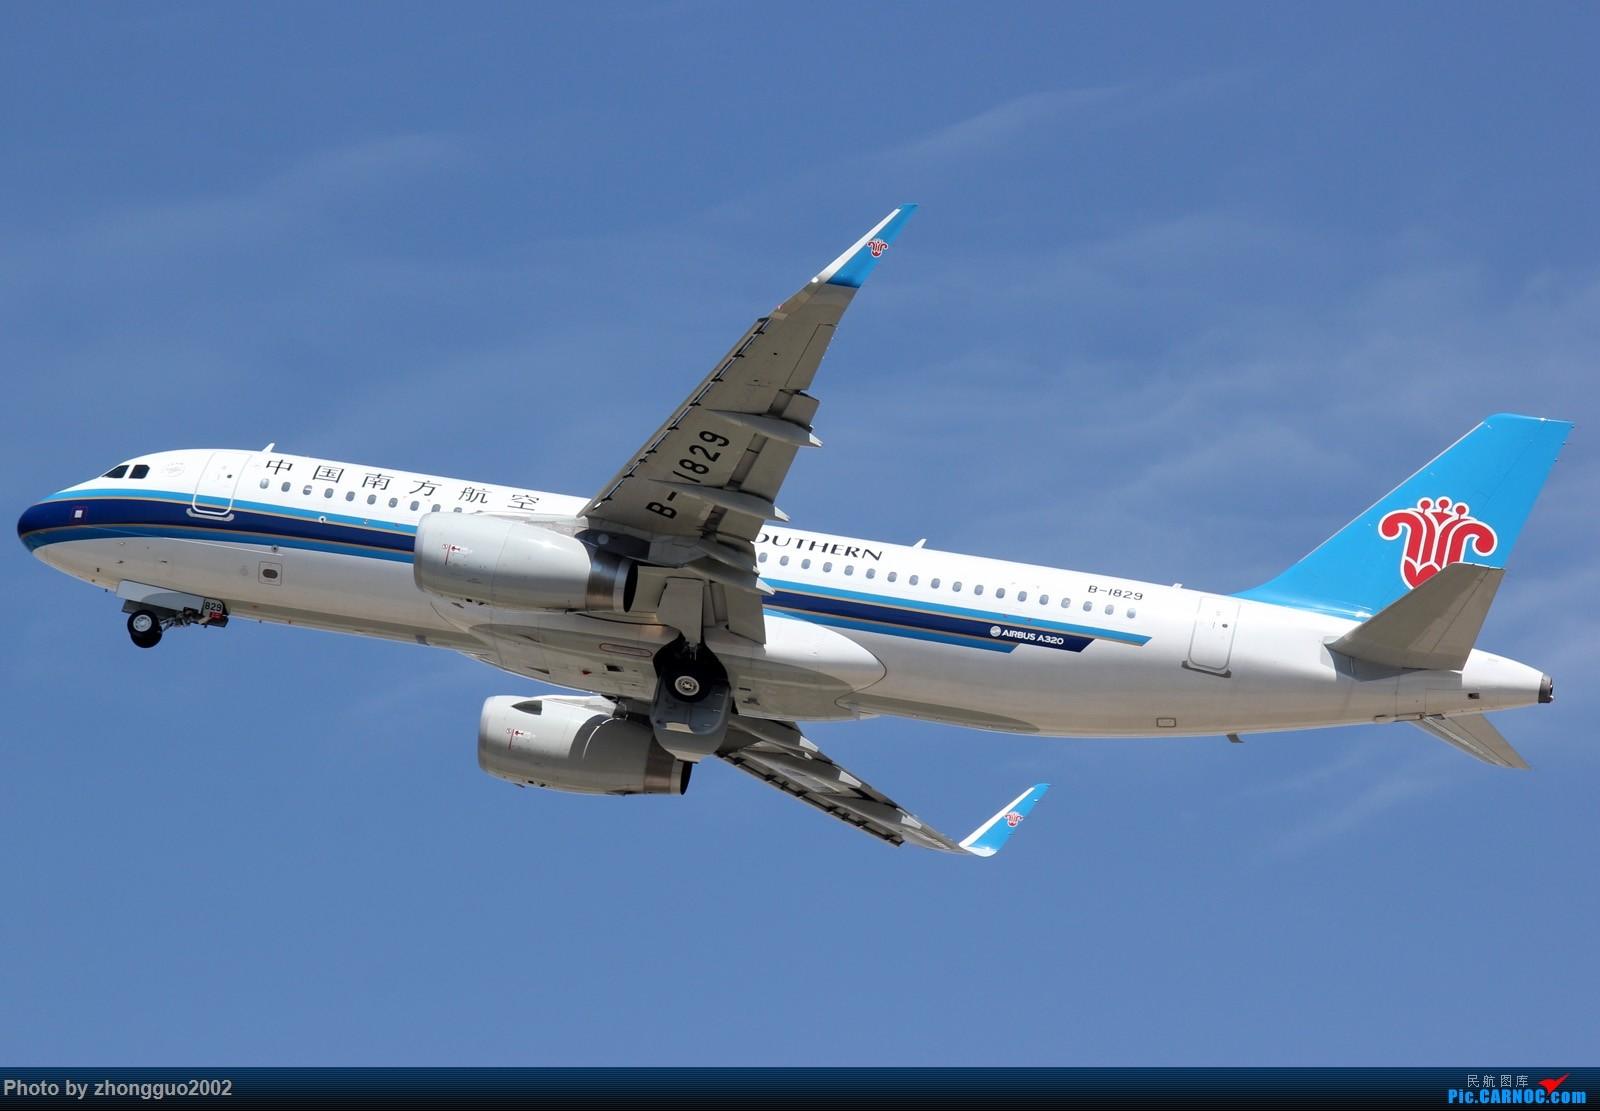 Re:[原创]【BLDDQ--深圳打机队】发小飞机盖楼贴,凡跟帖1字开头大陆民航飞机图的,每图五架小飞机不重复 AIRBUS A320-200 B-1829 中国呼和浩特白塔国际机场